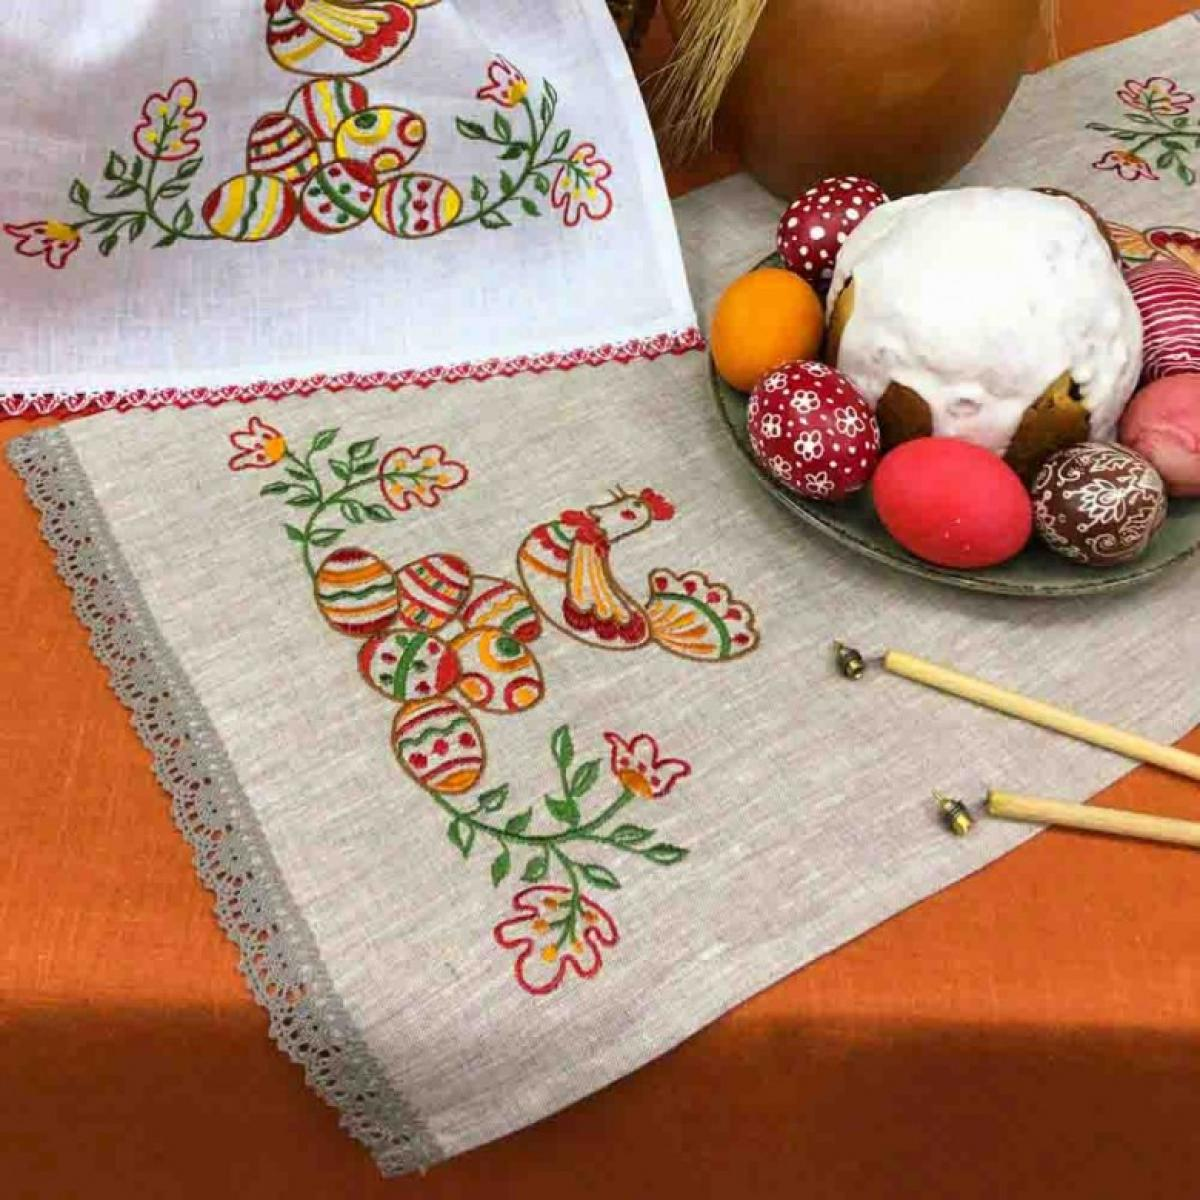 Вышитая салфетка на корзину Писанки 65 * 33 серый льон. Фото №1. | Народный дом Украина